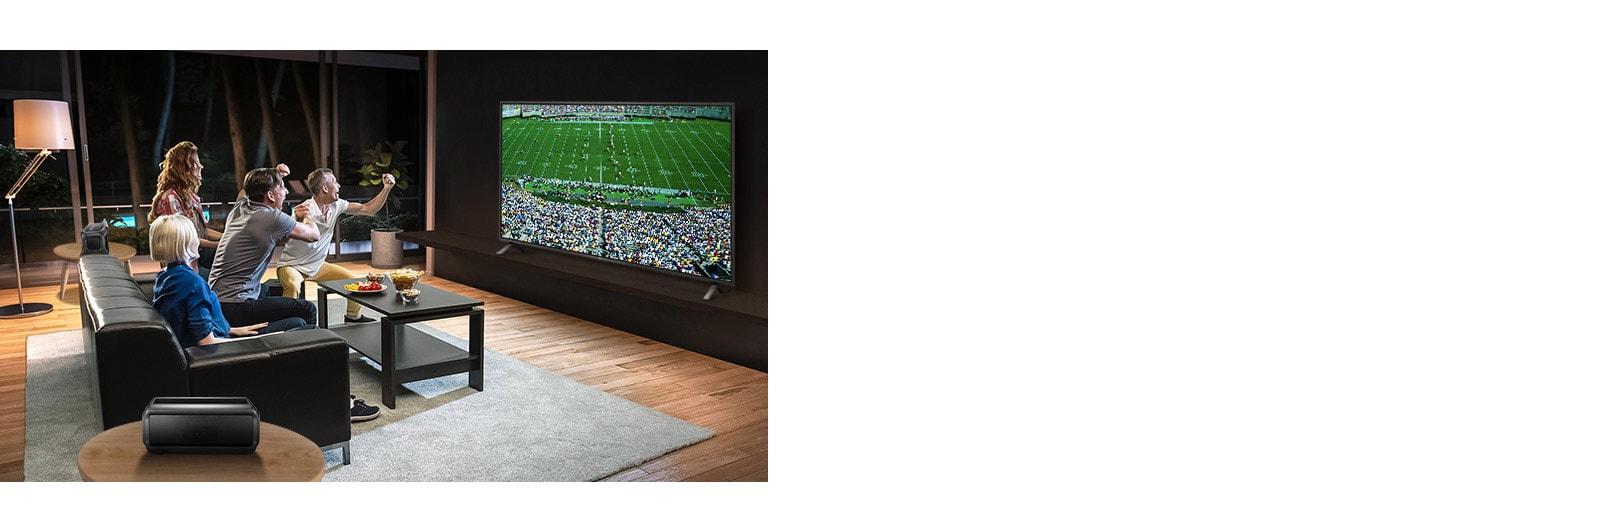 Persone che guardano una gara sportiva alla TV in soggiorno con altoparlanti Bluetooth posteriori.